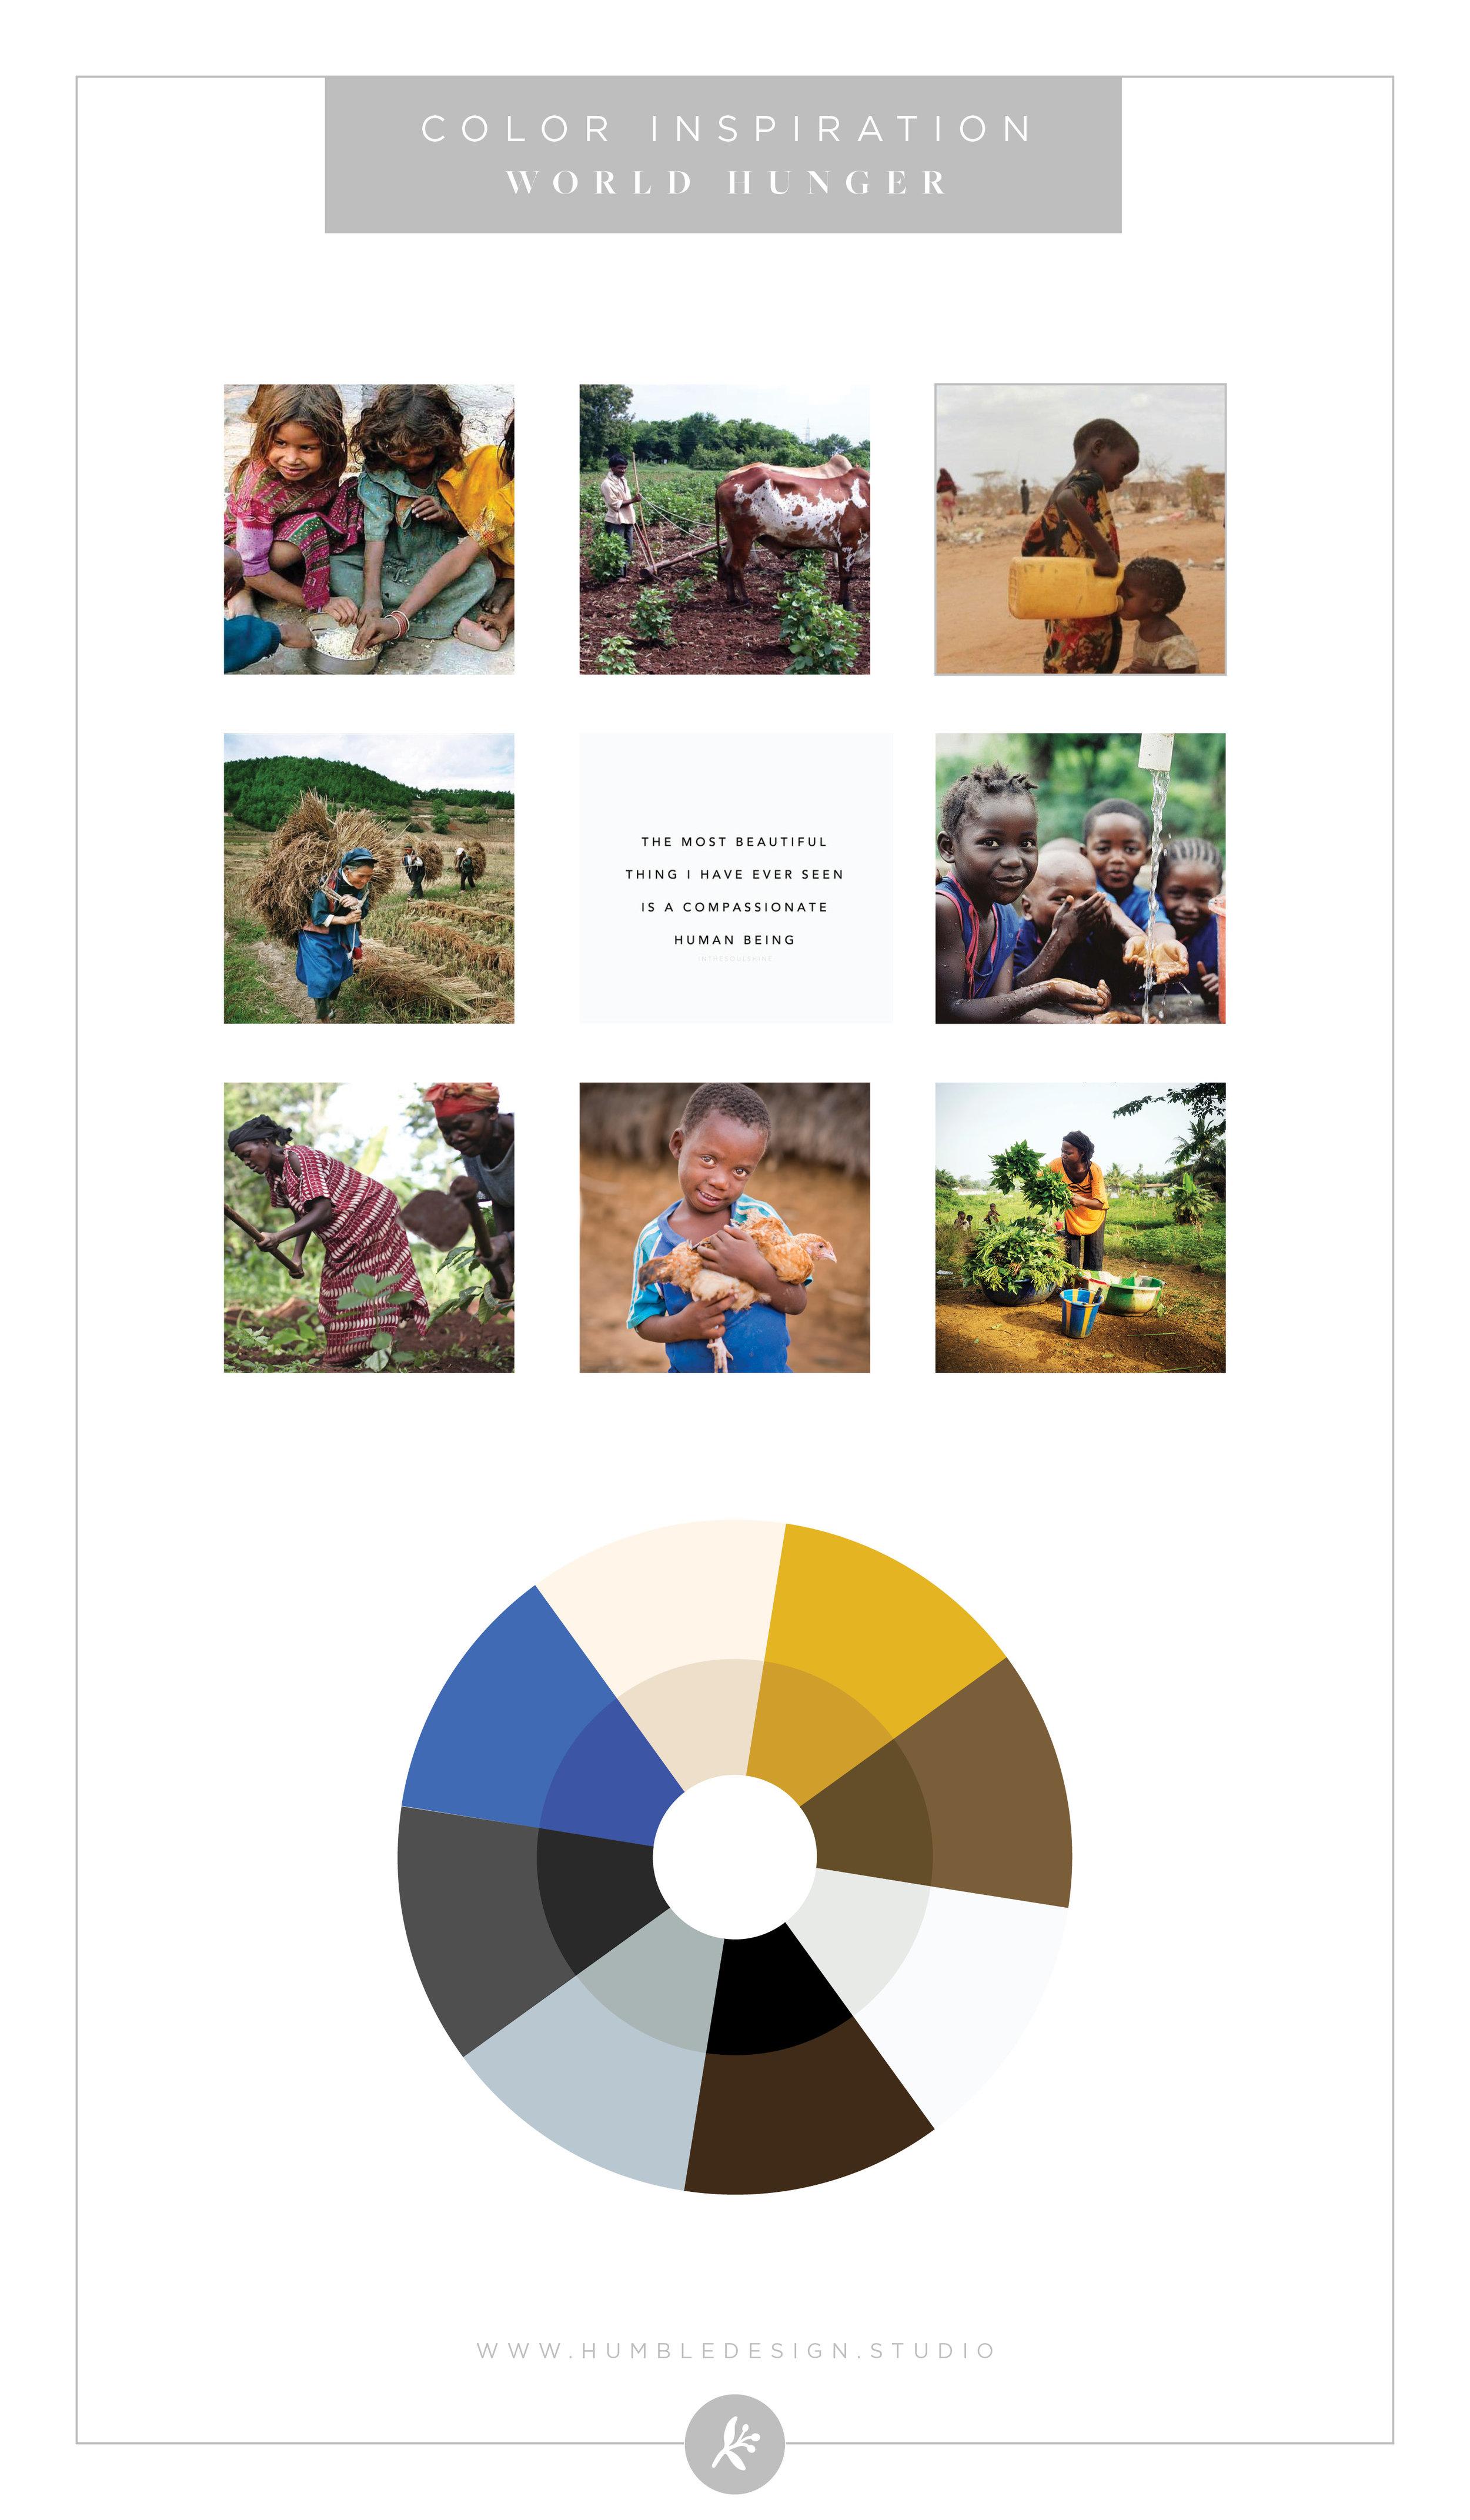 World Hunger Organization Color Palette Inspiration